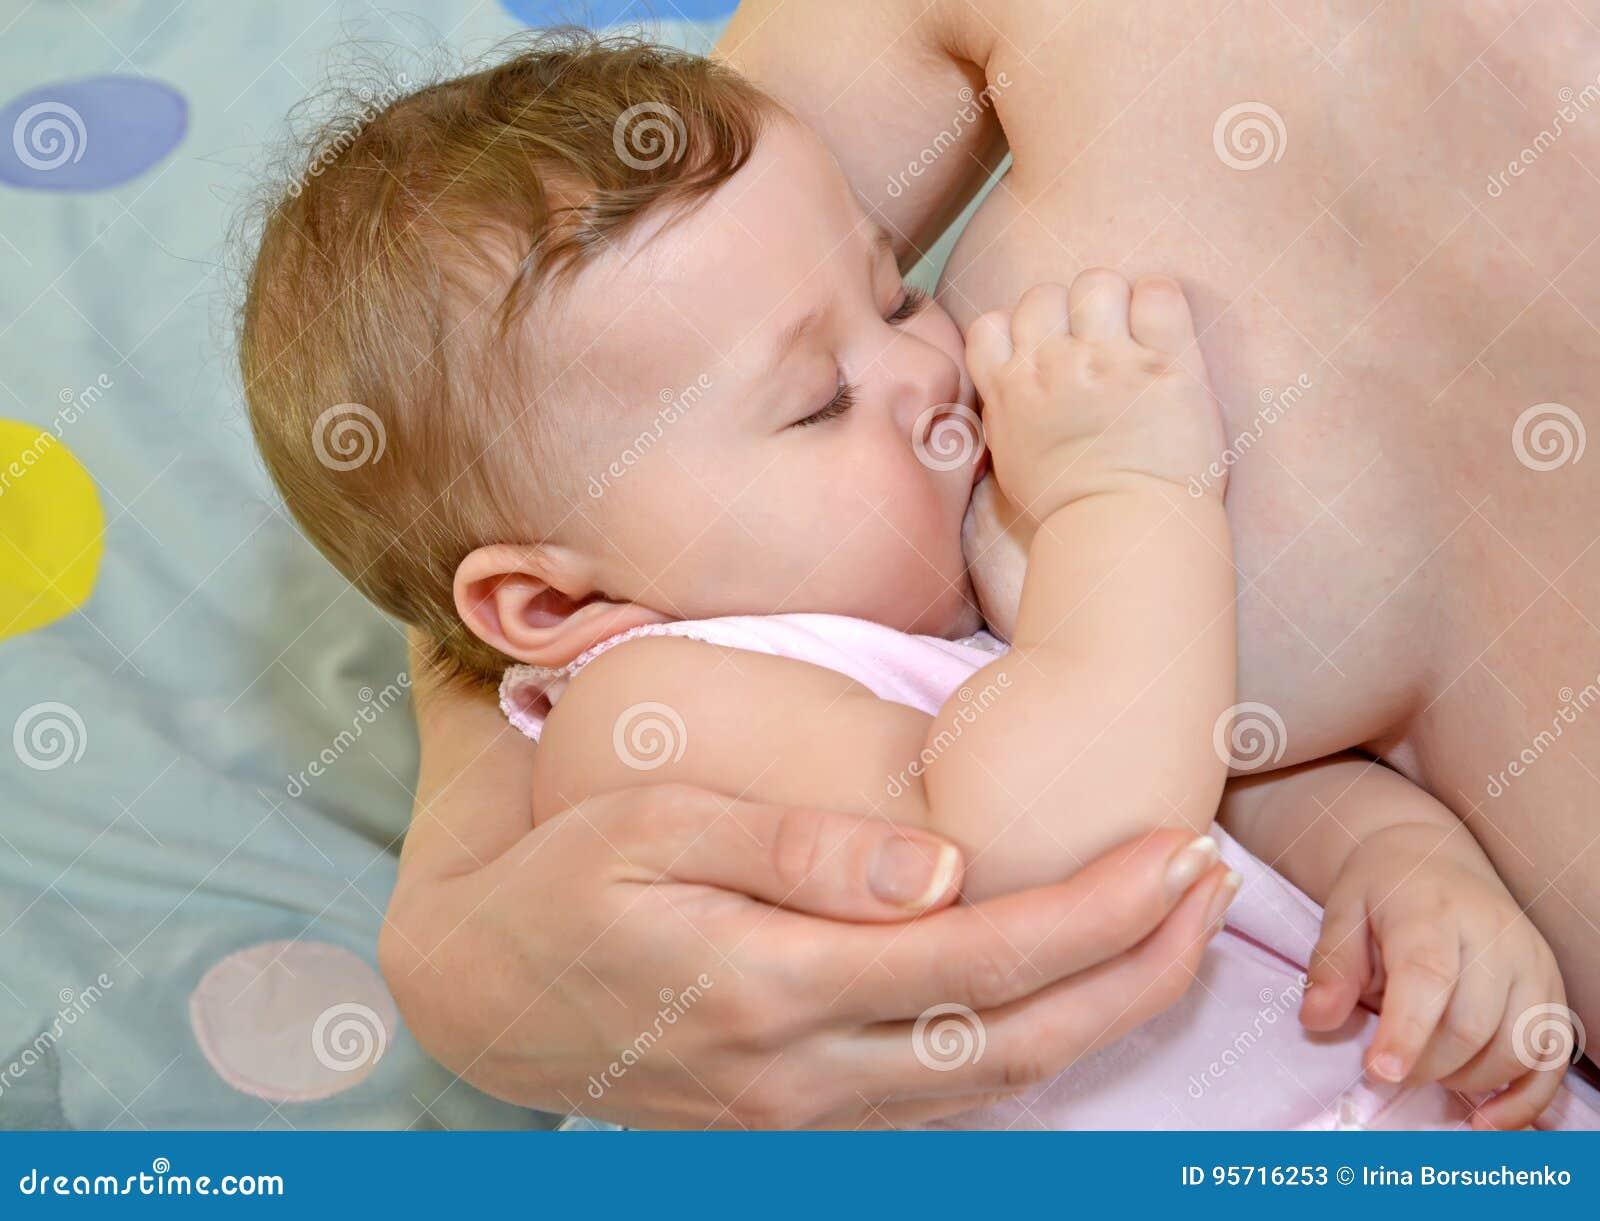 Das Baby Schläft An Einem Mütterlichen Brust Stillen Stockbild